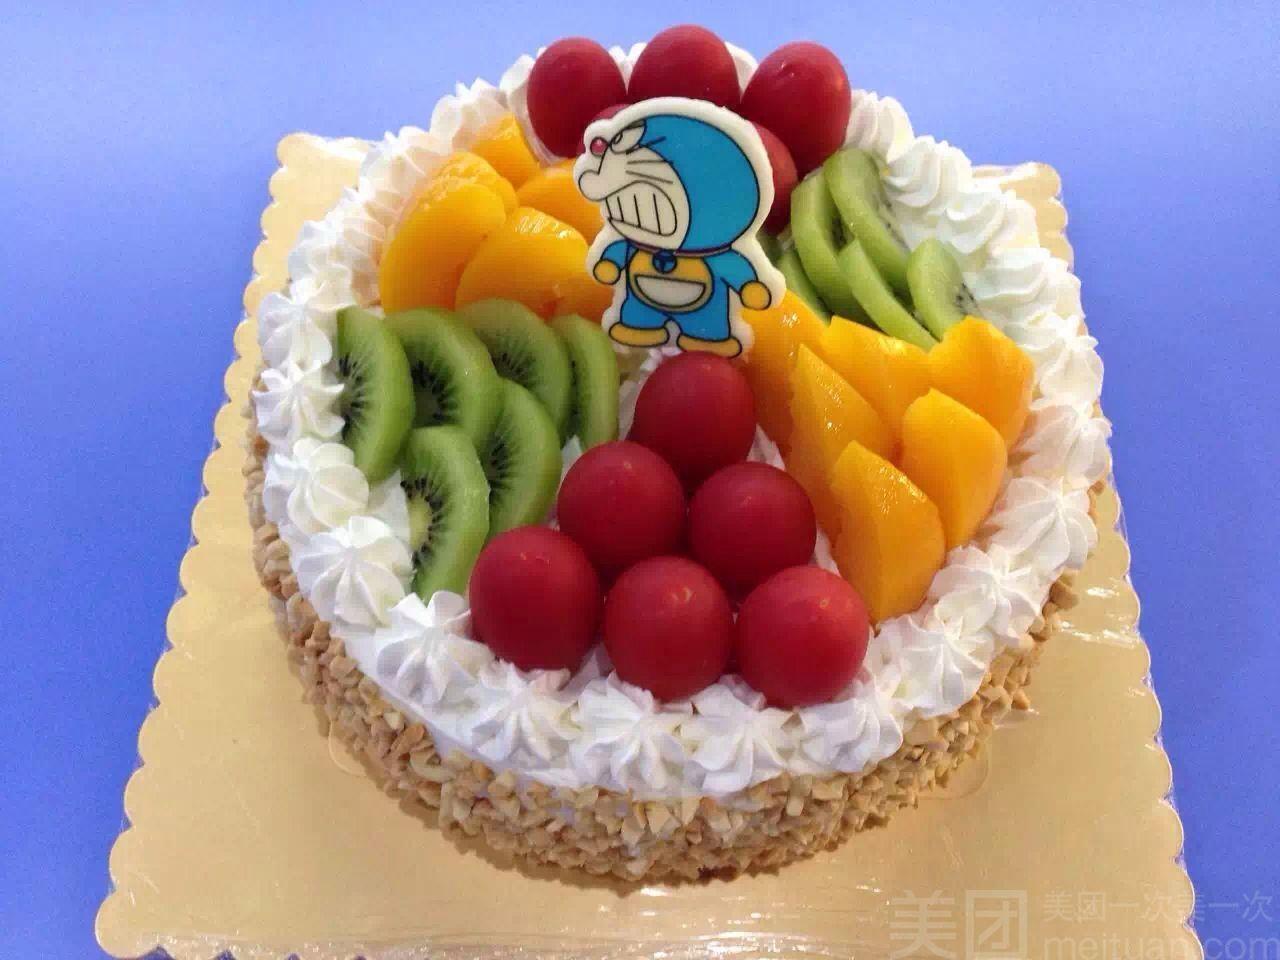 【开心小镇亲子diy美食乐园】亲子diy水果蛋糕8寸